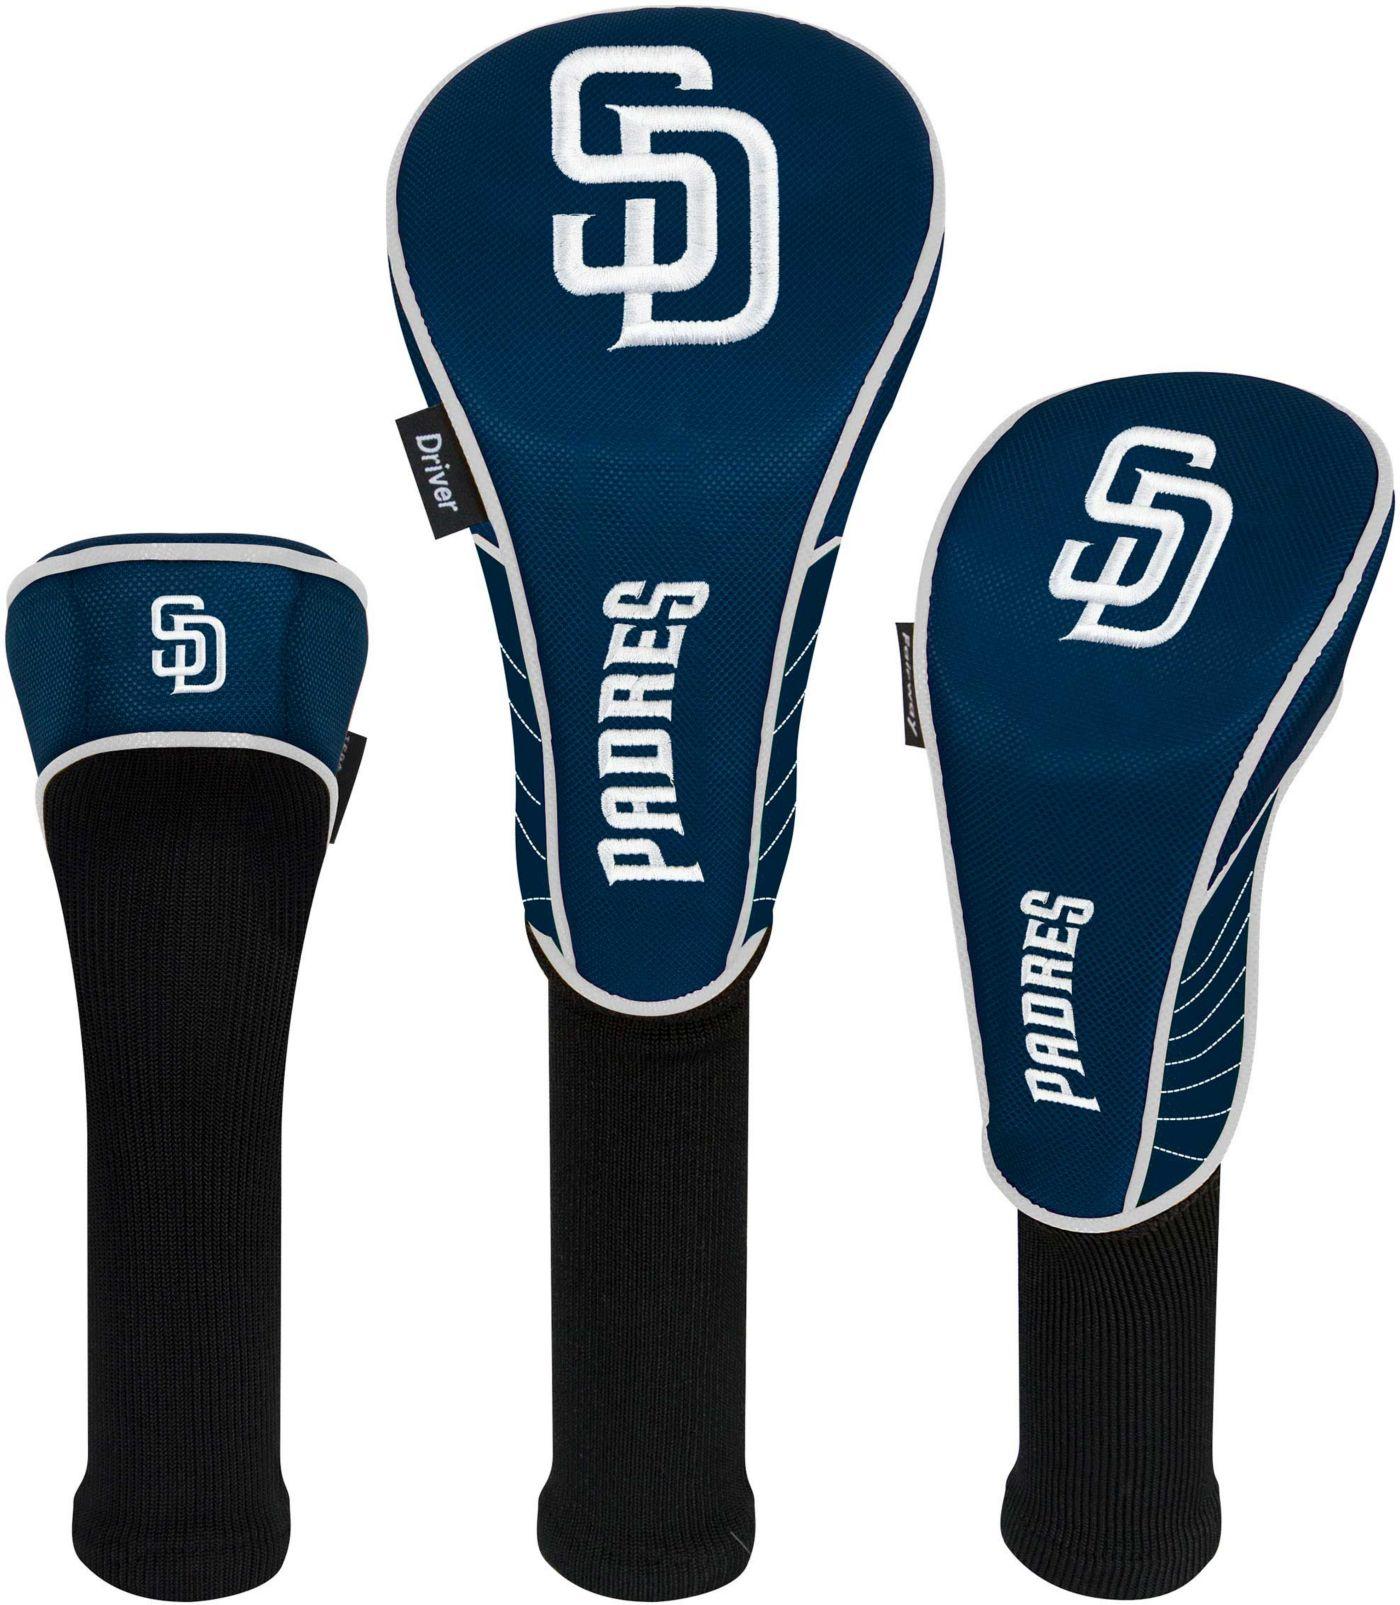 Team Effort San Diego Padres Headcovers - 3 Pack